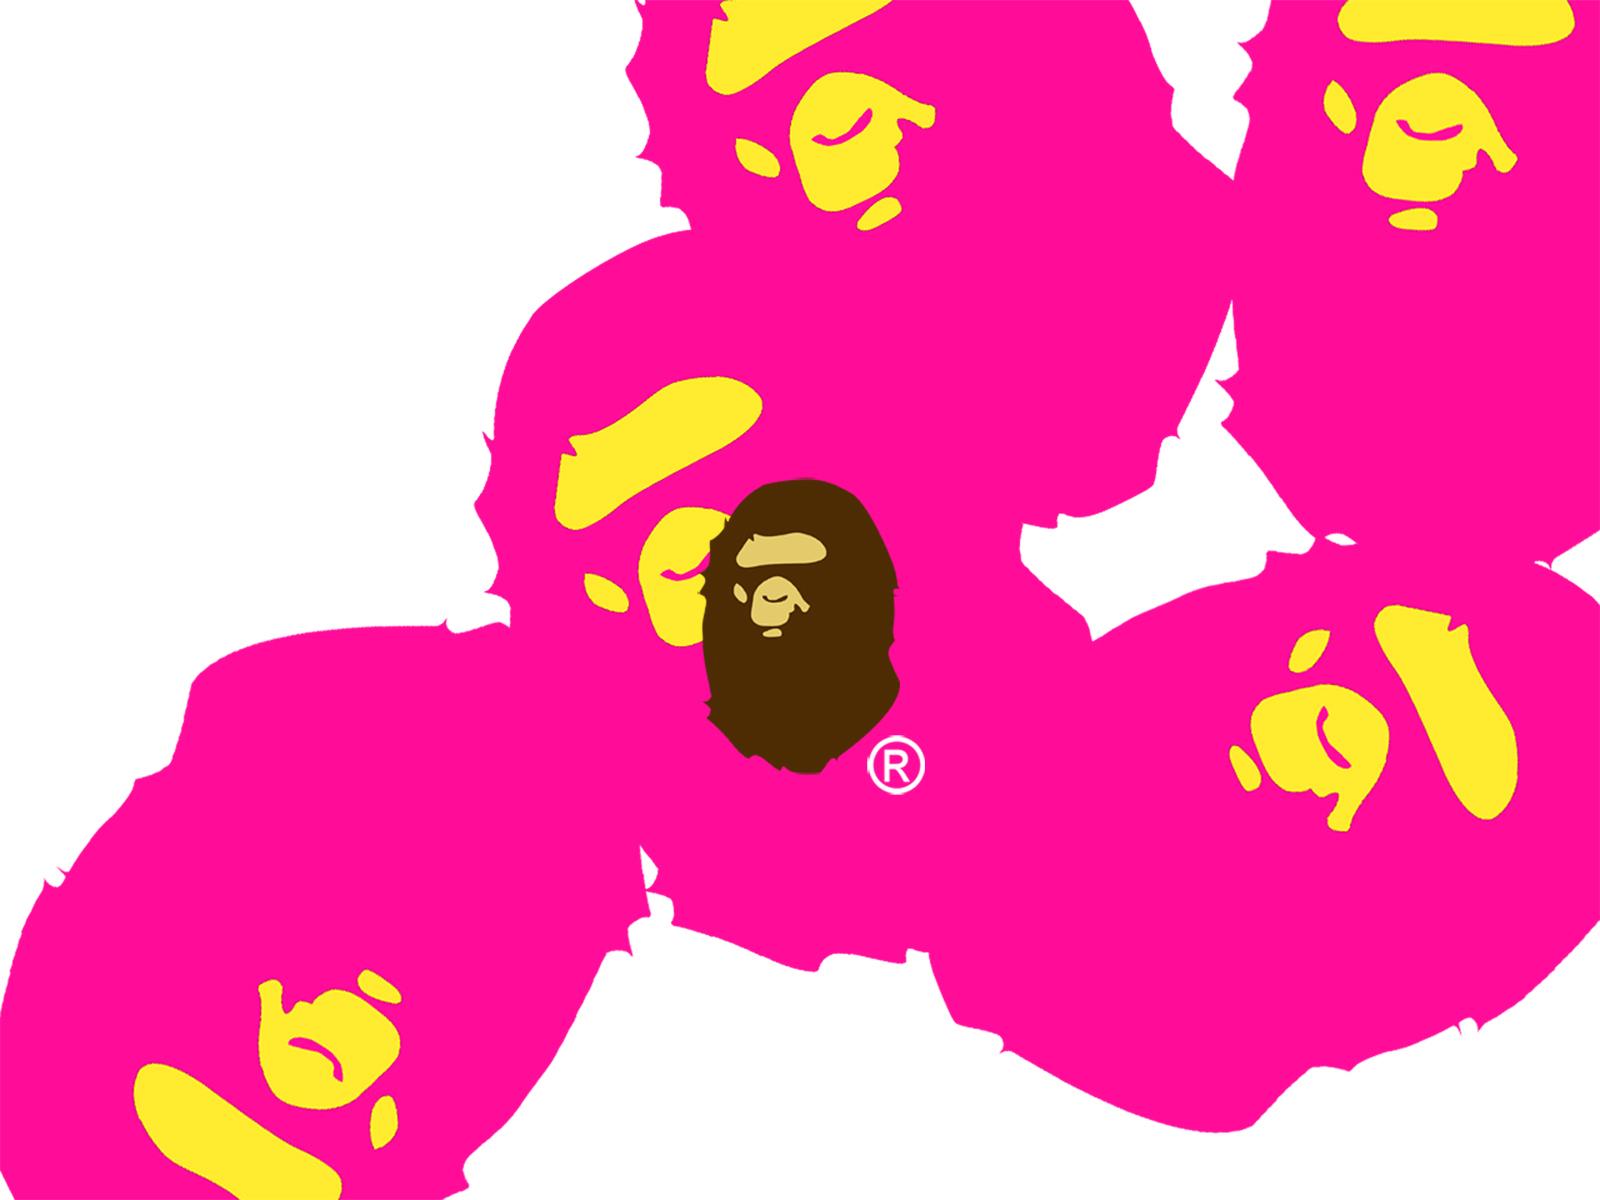 bapes gone pink google wallpapers bapes gone pink google backgrounds